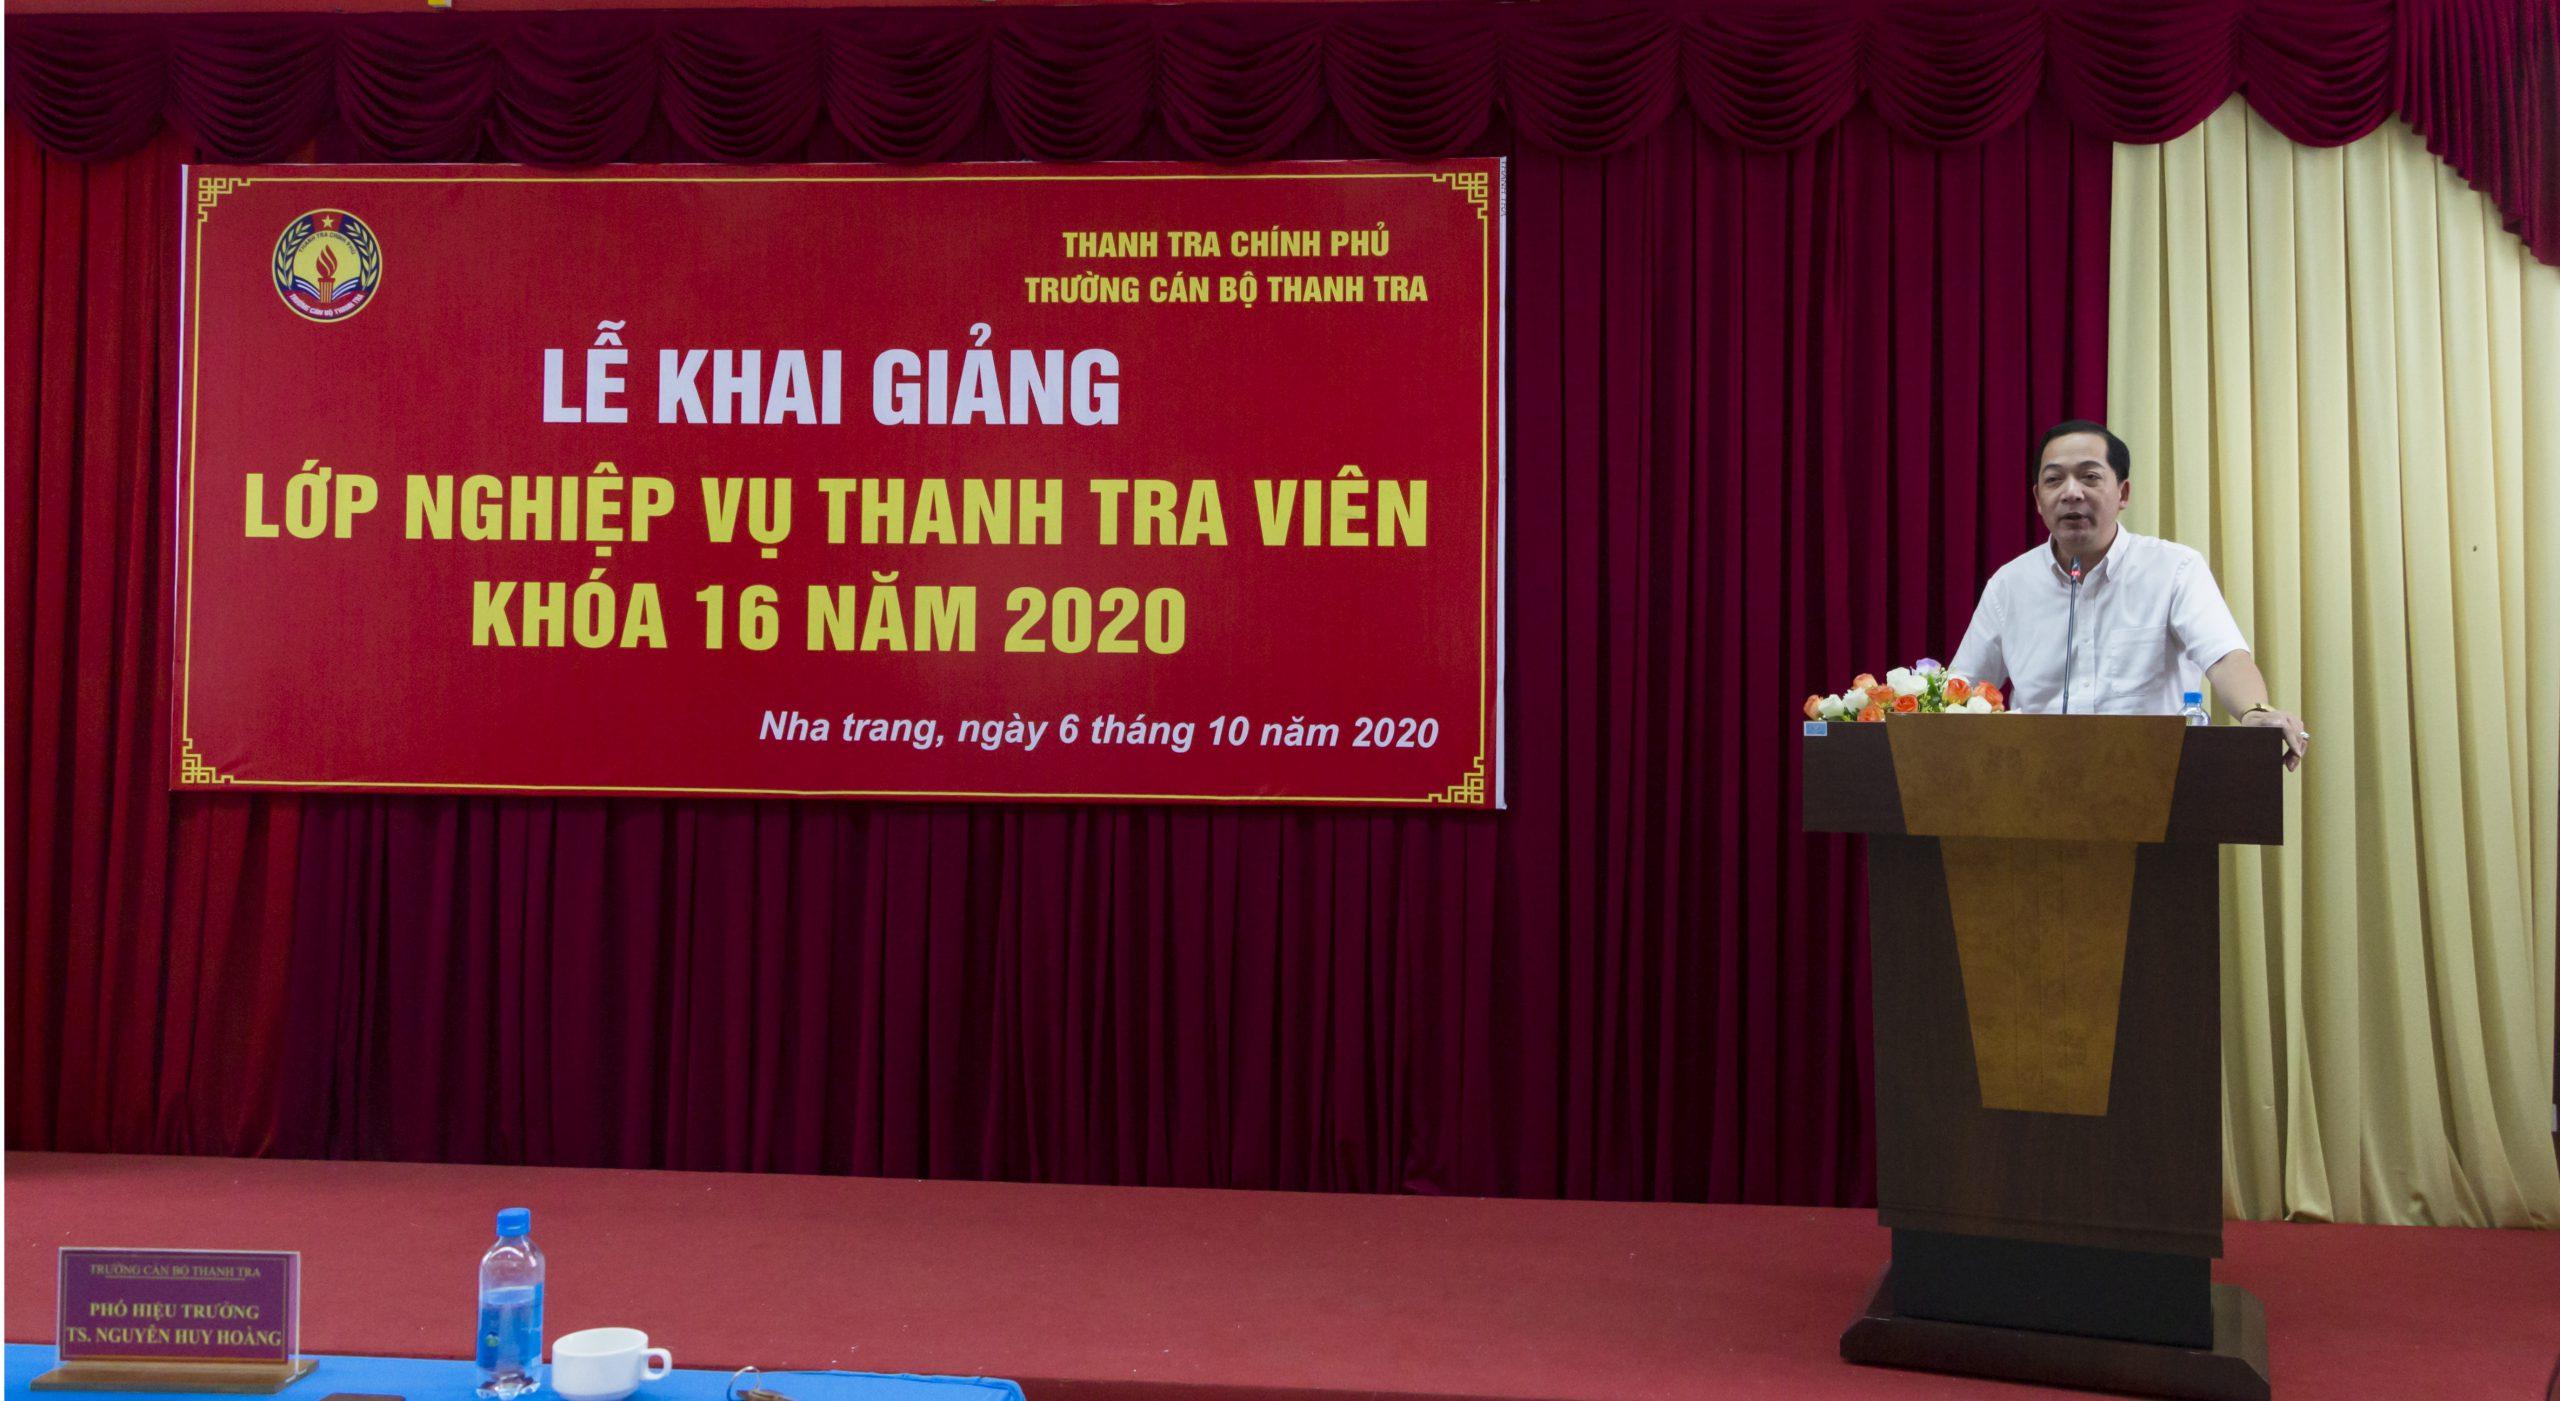 TS Nguyễn Huy Hoàng TTVCC PHT Trg CBTT phát biểu khai giảng khóa học